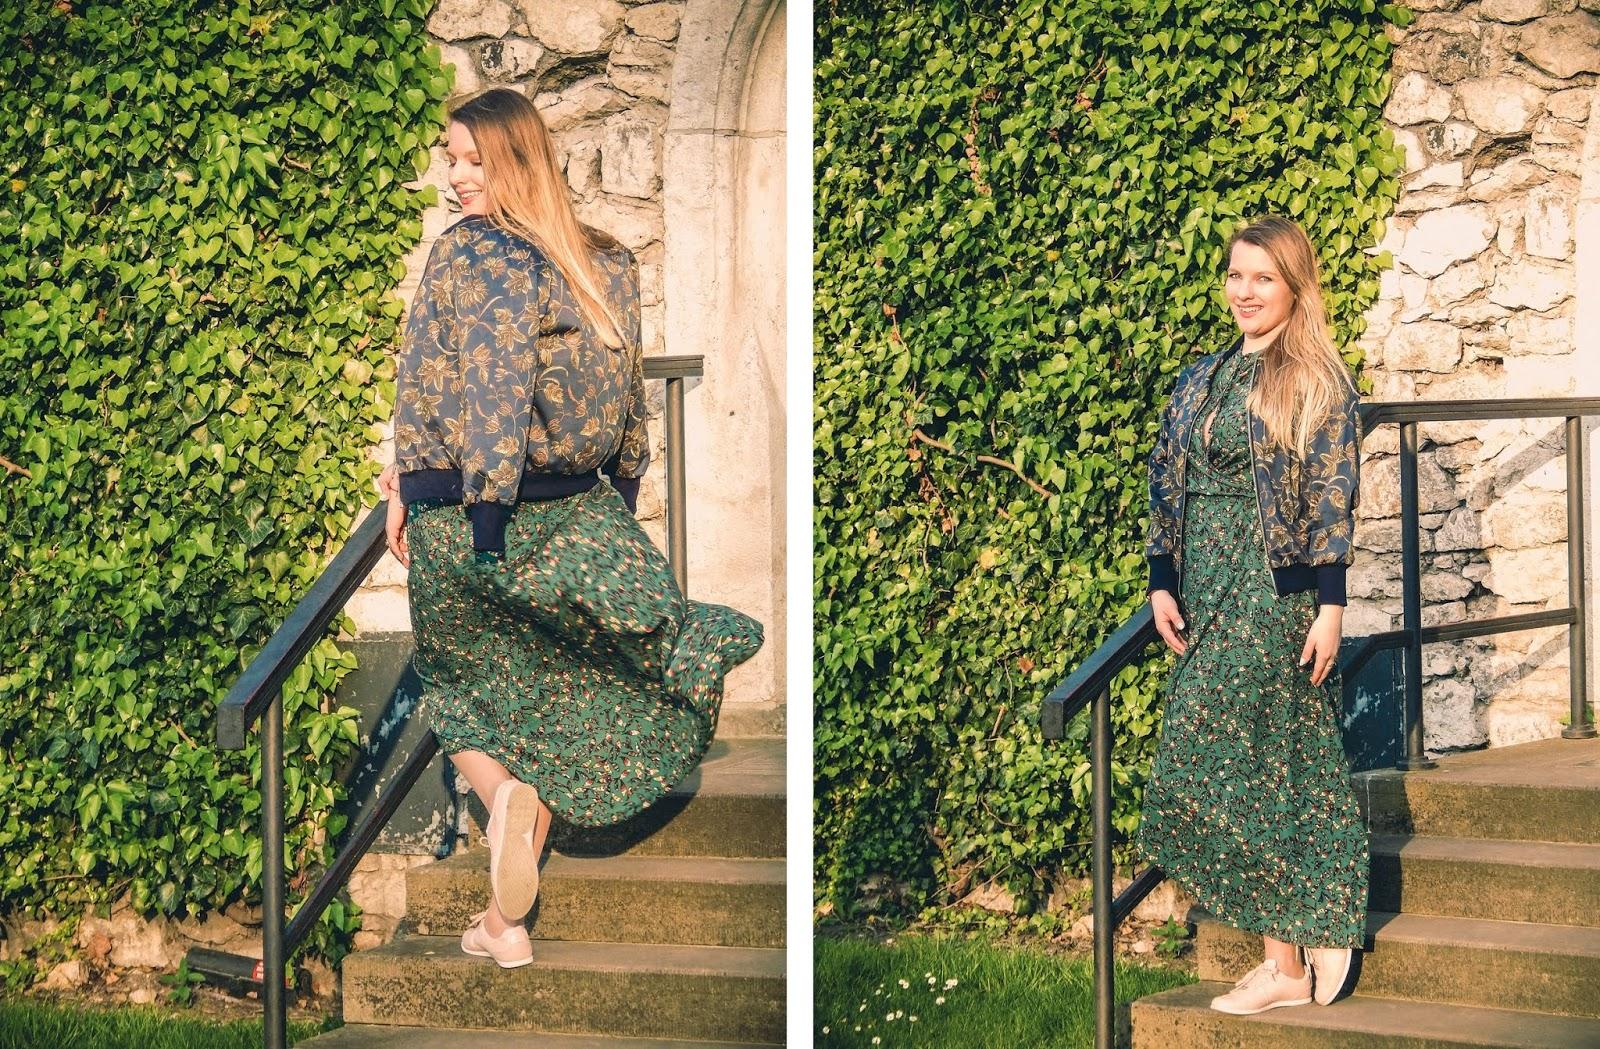 5 stylizacja polskie blogi modowe streetwear daniel wellington pracownia fio ciekawe polskie młode marki modowe odzieżowe instagram melodylaniella